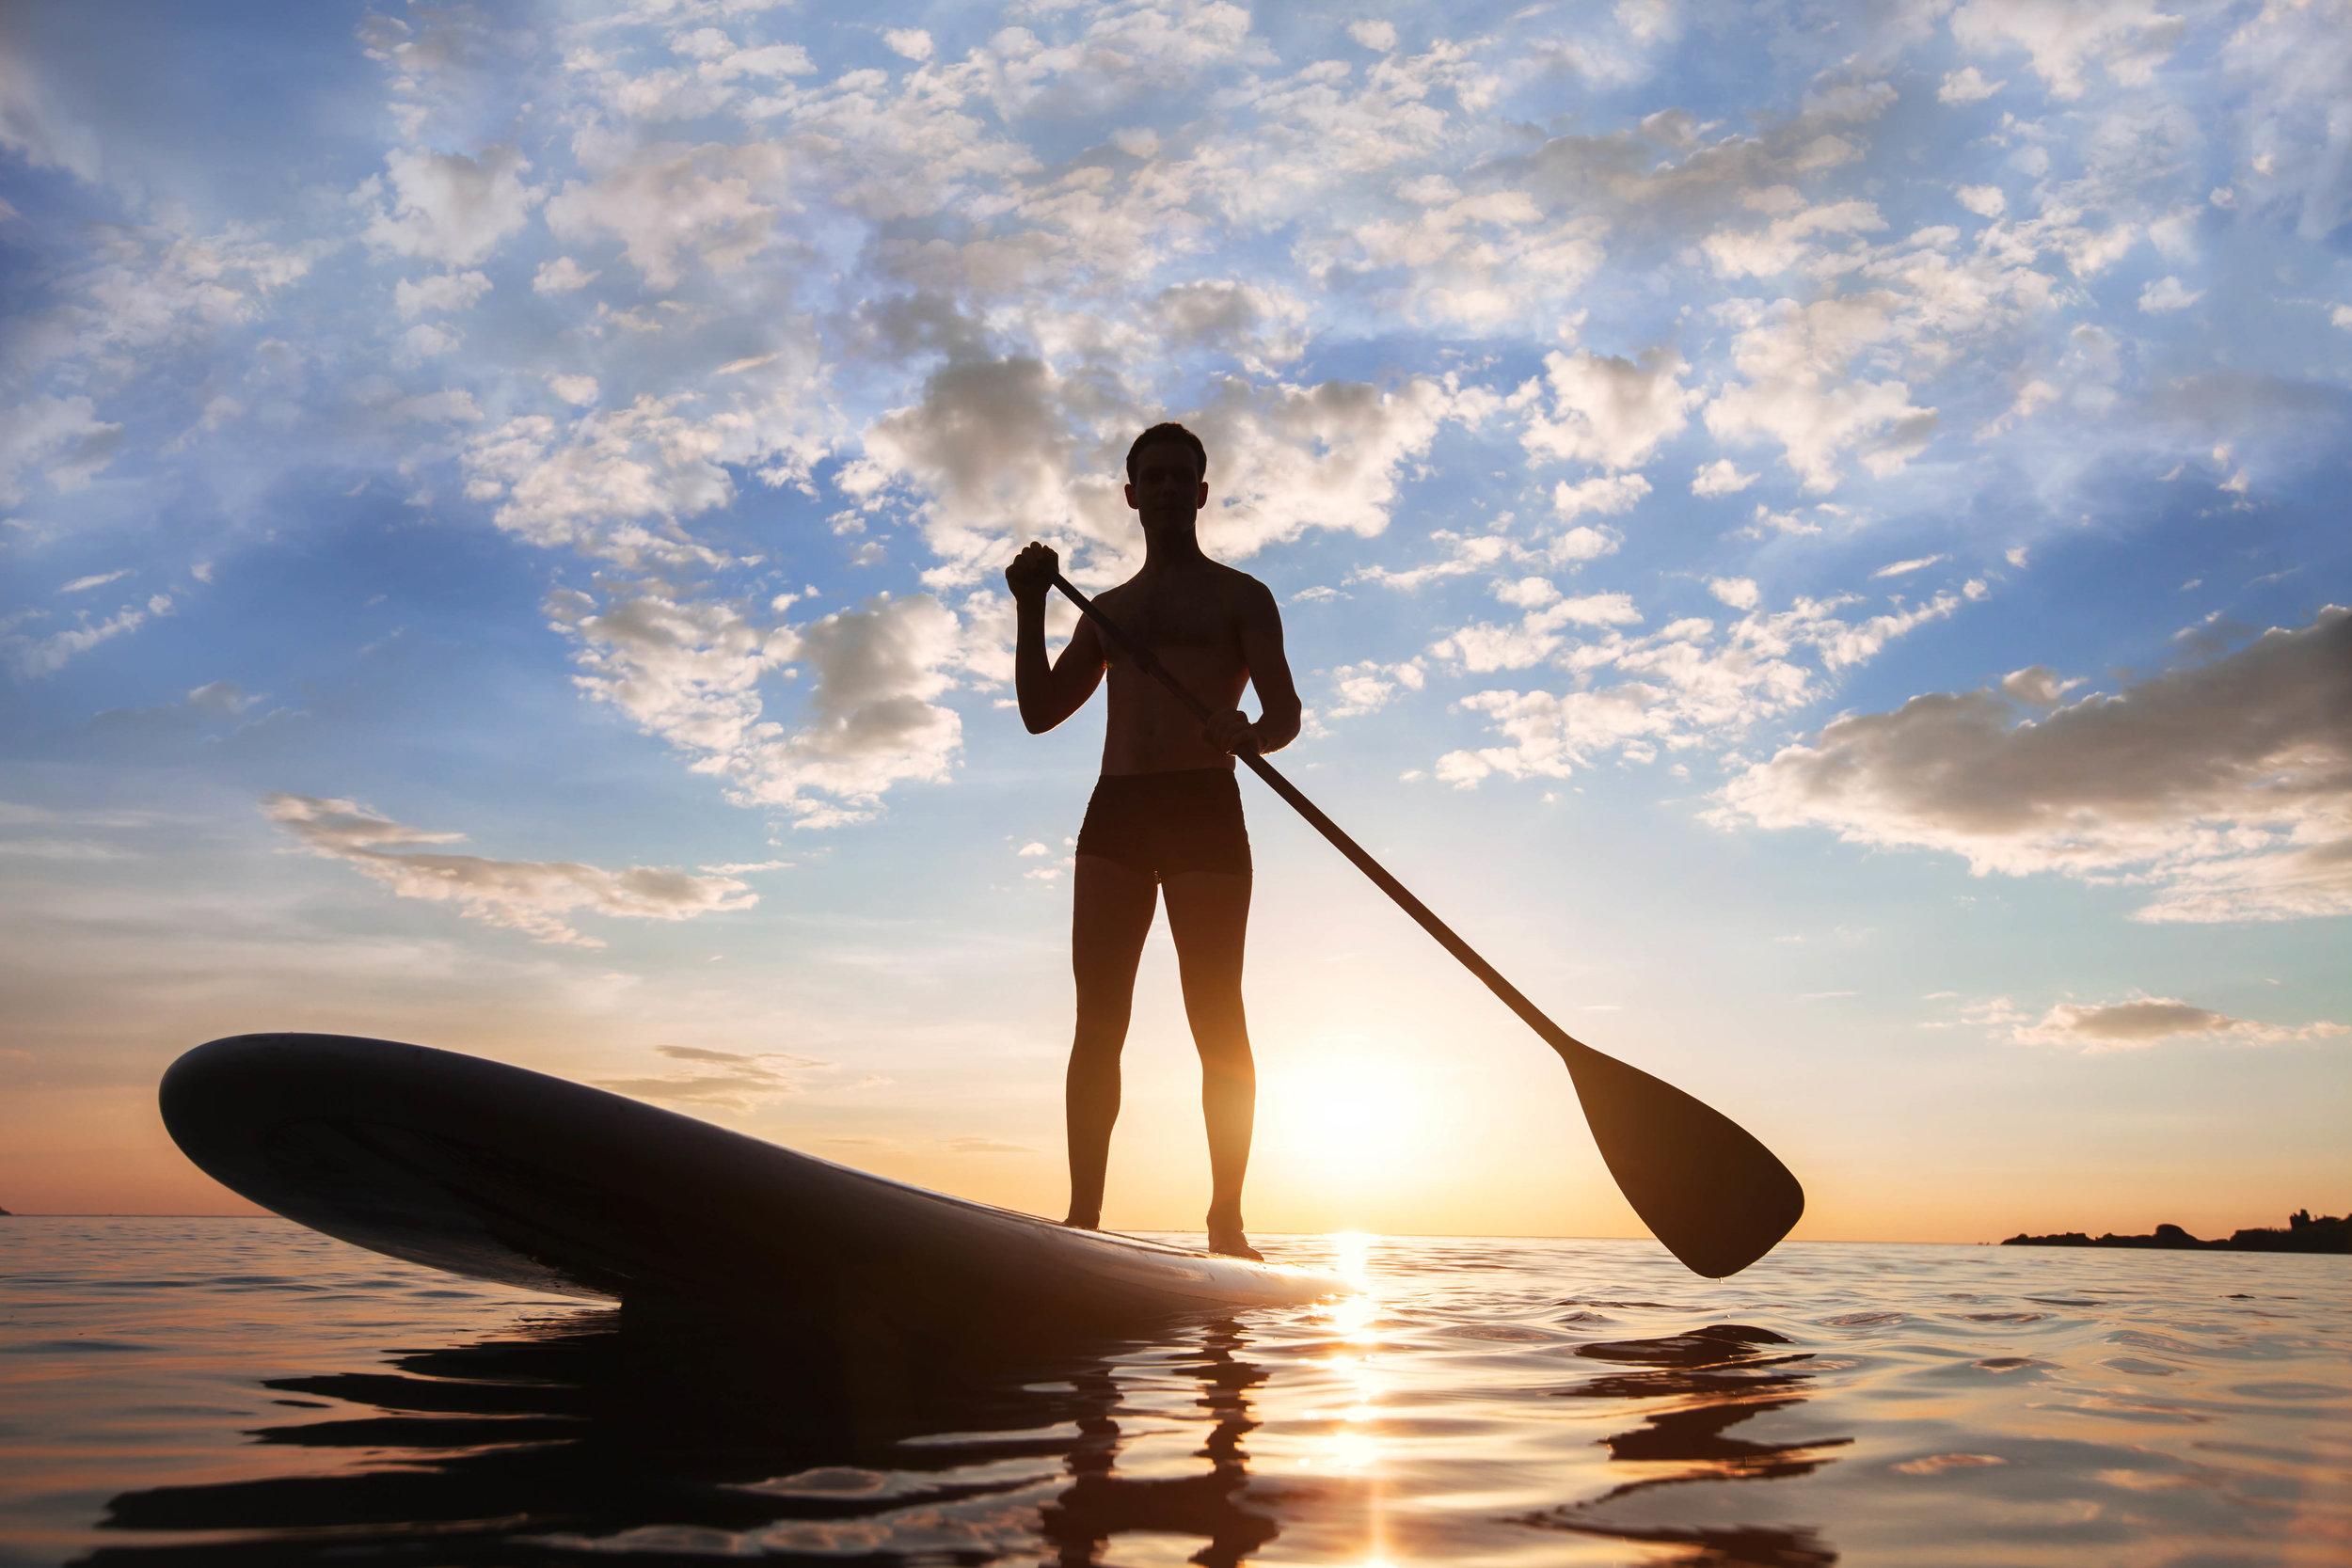 Paddleboarder.shutterstock_547017040.jpg